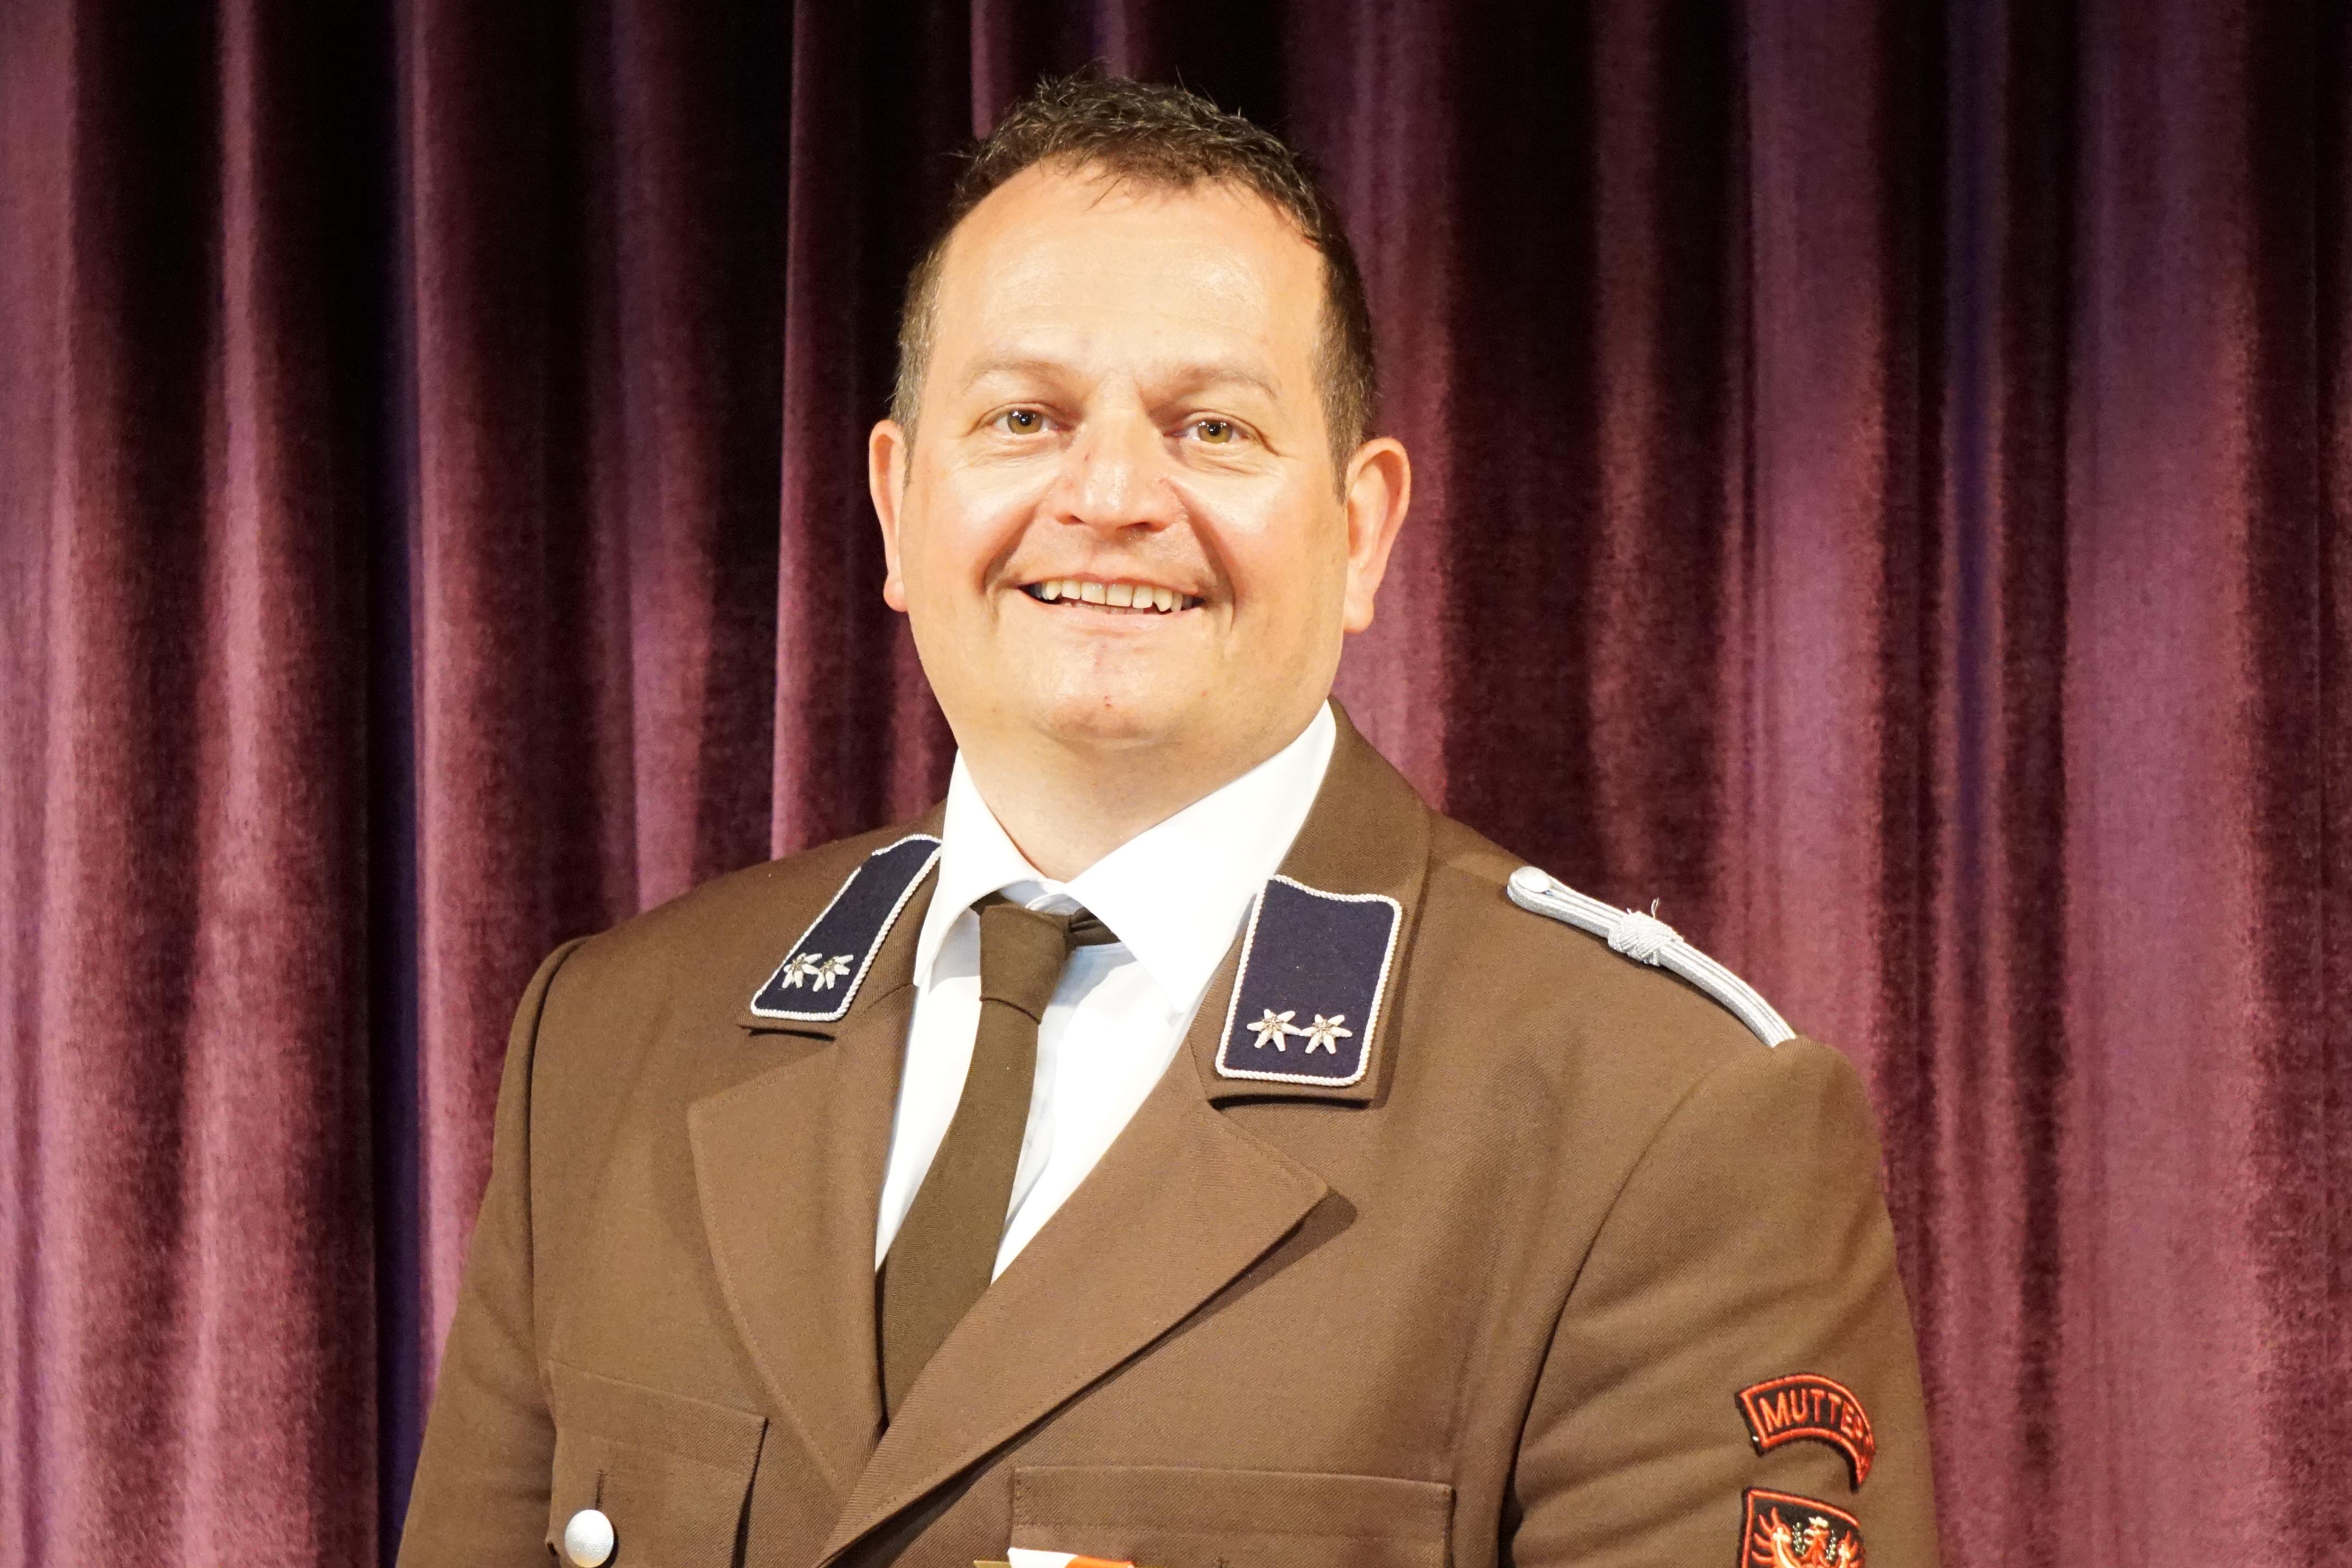 BI Martin Tanzer